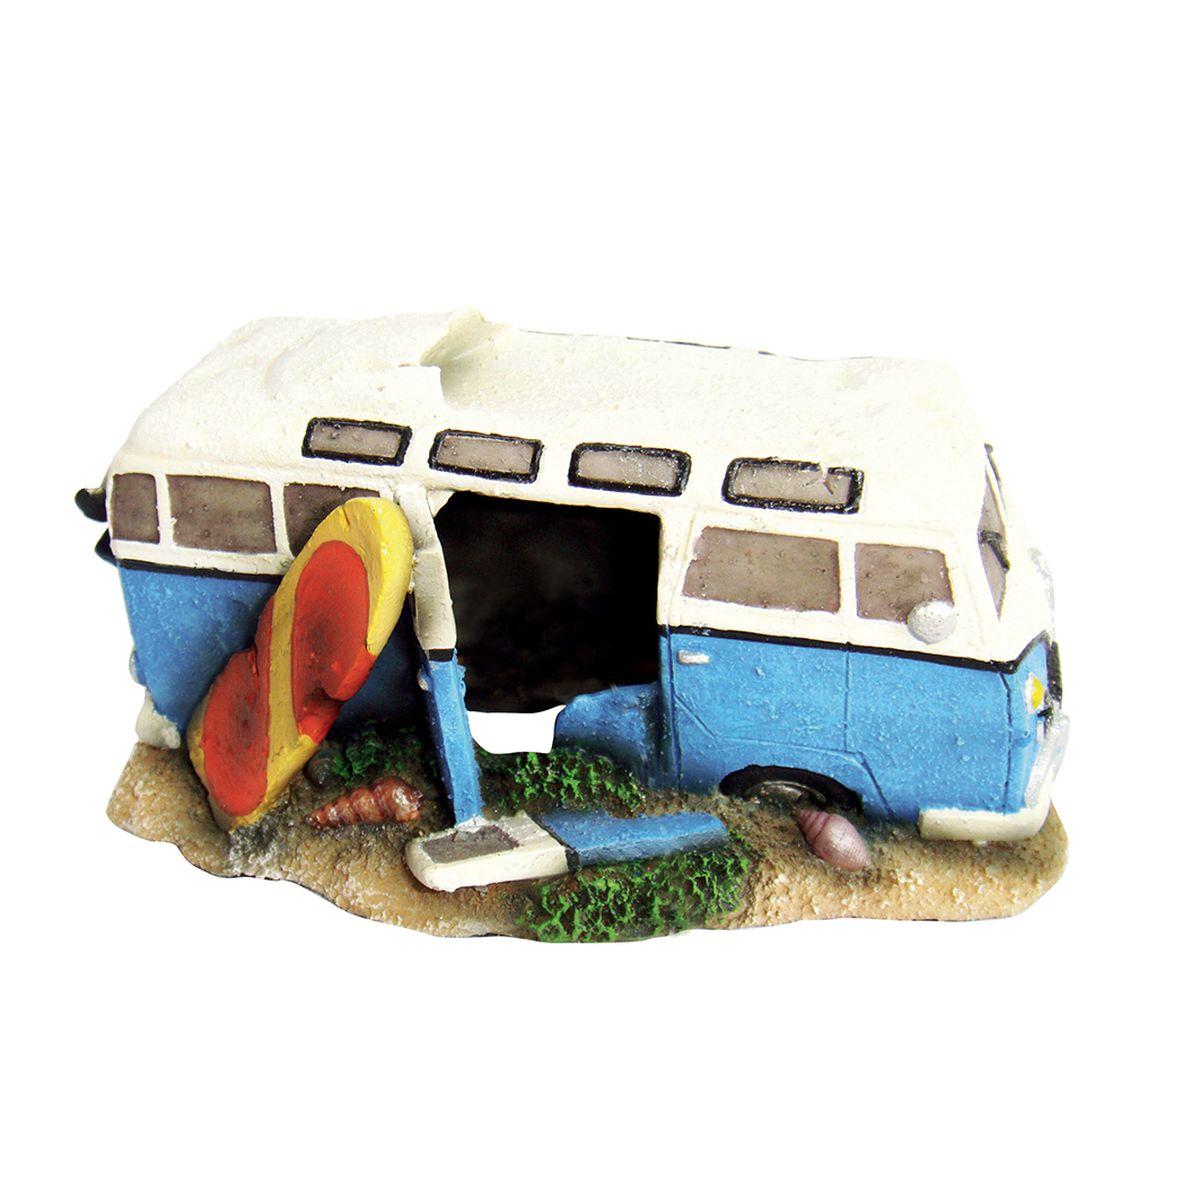 Декорация для аквариума ArtUniq Автобус незадачливых серферов, 16,5 x 11 x 8,5 см12171996Декорация ArtUniq – это яркая и важная часть любой композиции, она поможет вдохнуть жизнь в ландшафт любого аквариума или террариума. Декорация безопасна для обитателей аквариума, она не меняет параметры воды. Многие обитатели аквариума часто используют декорации как укрытия, в которых они живут и размножаются. Благодаря декорациям ArtUniq вы сможете создать прекрасный пейзаж на дне вашего аквариума или террариума.